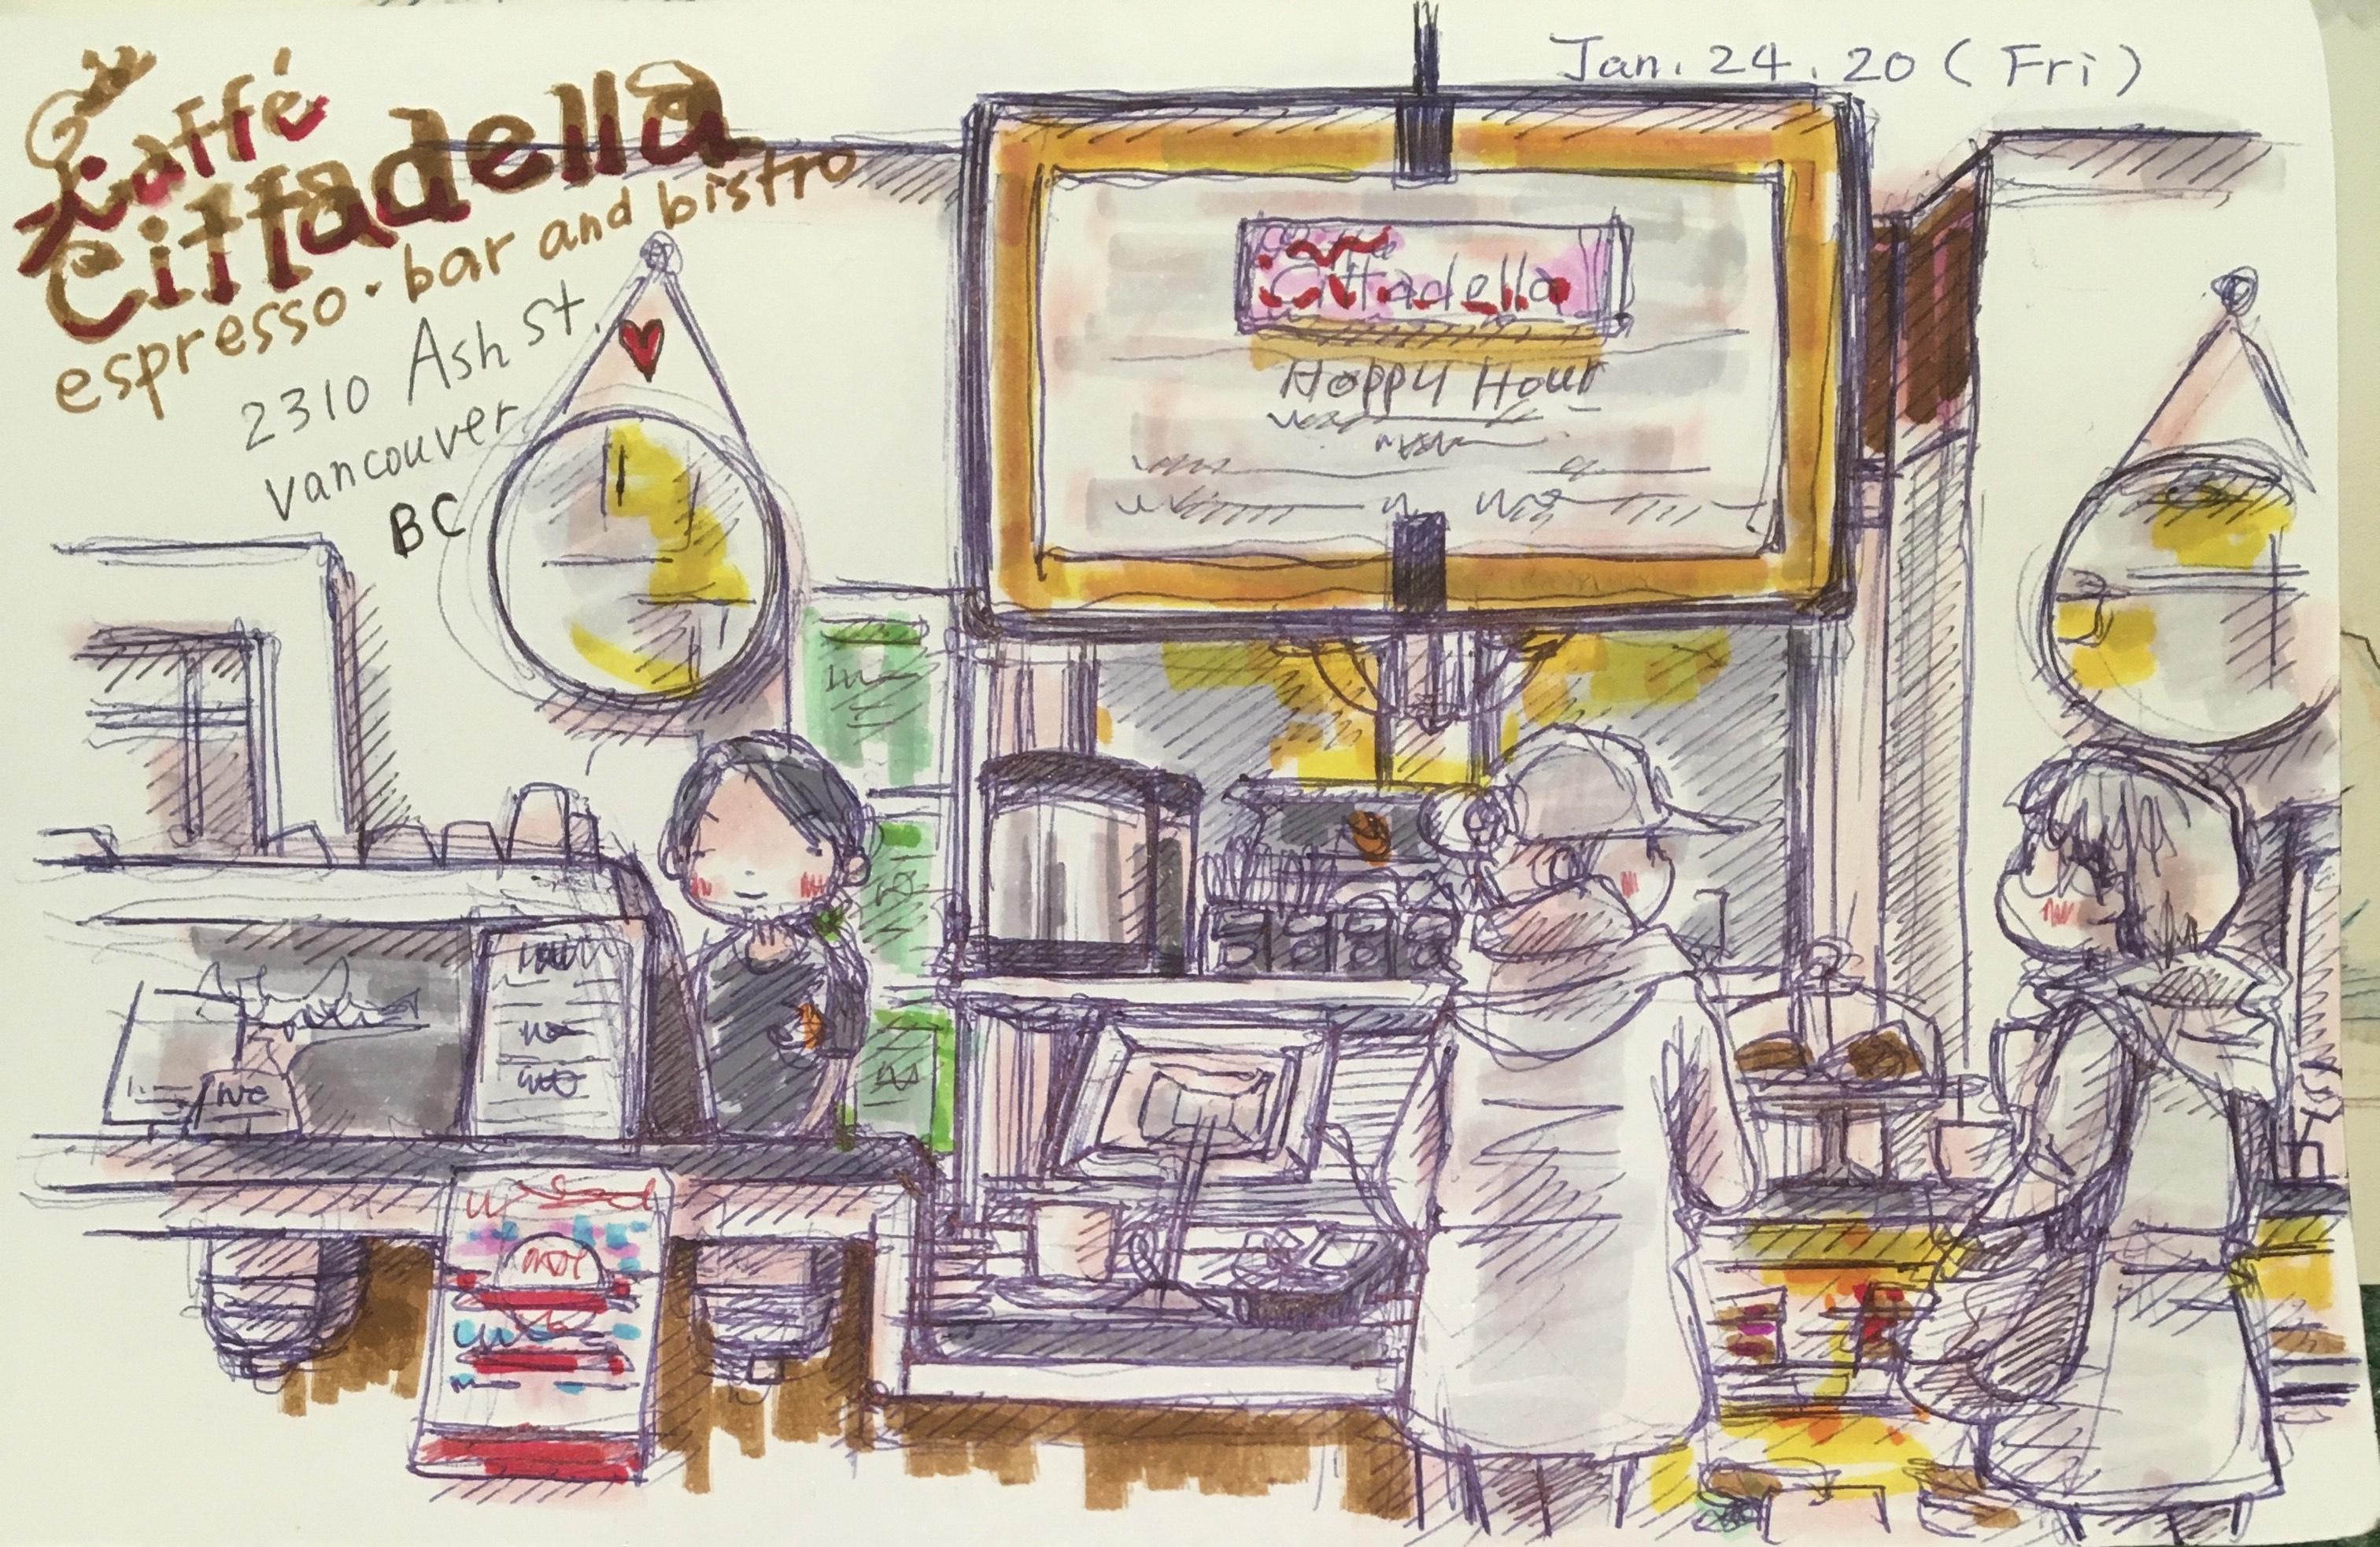 Cafe Cittadella